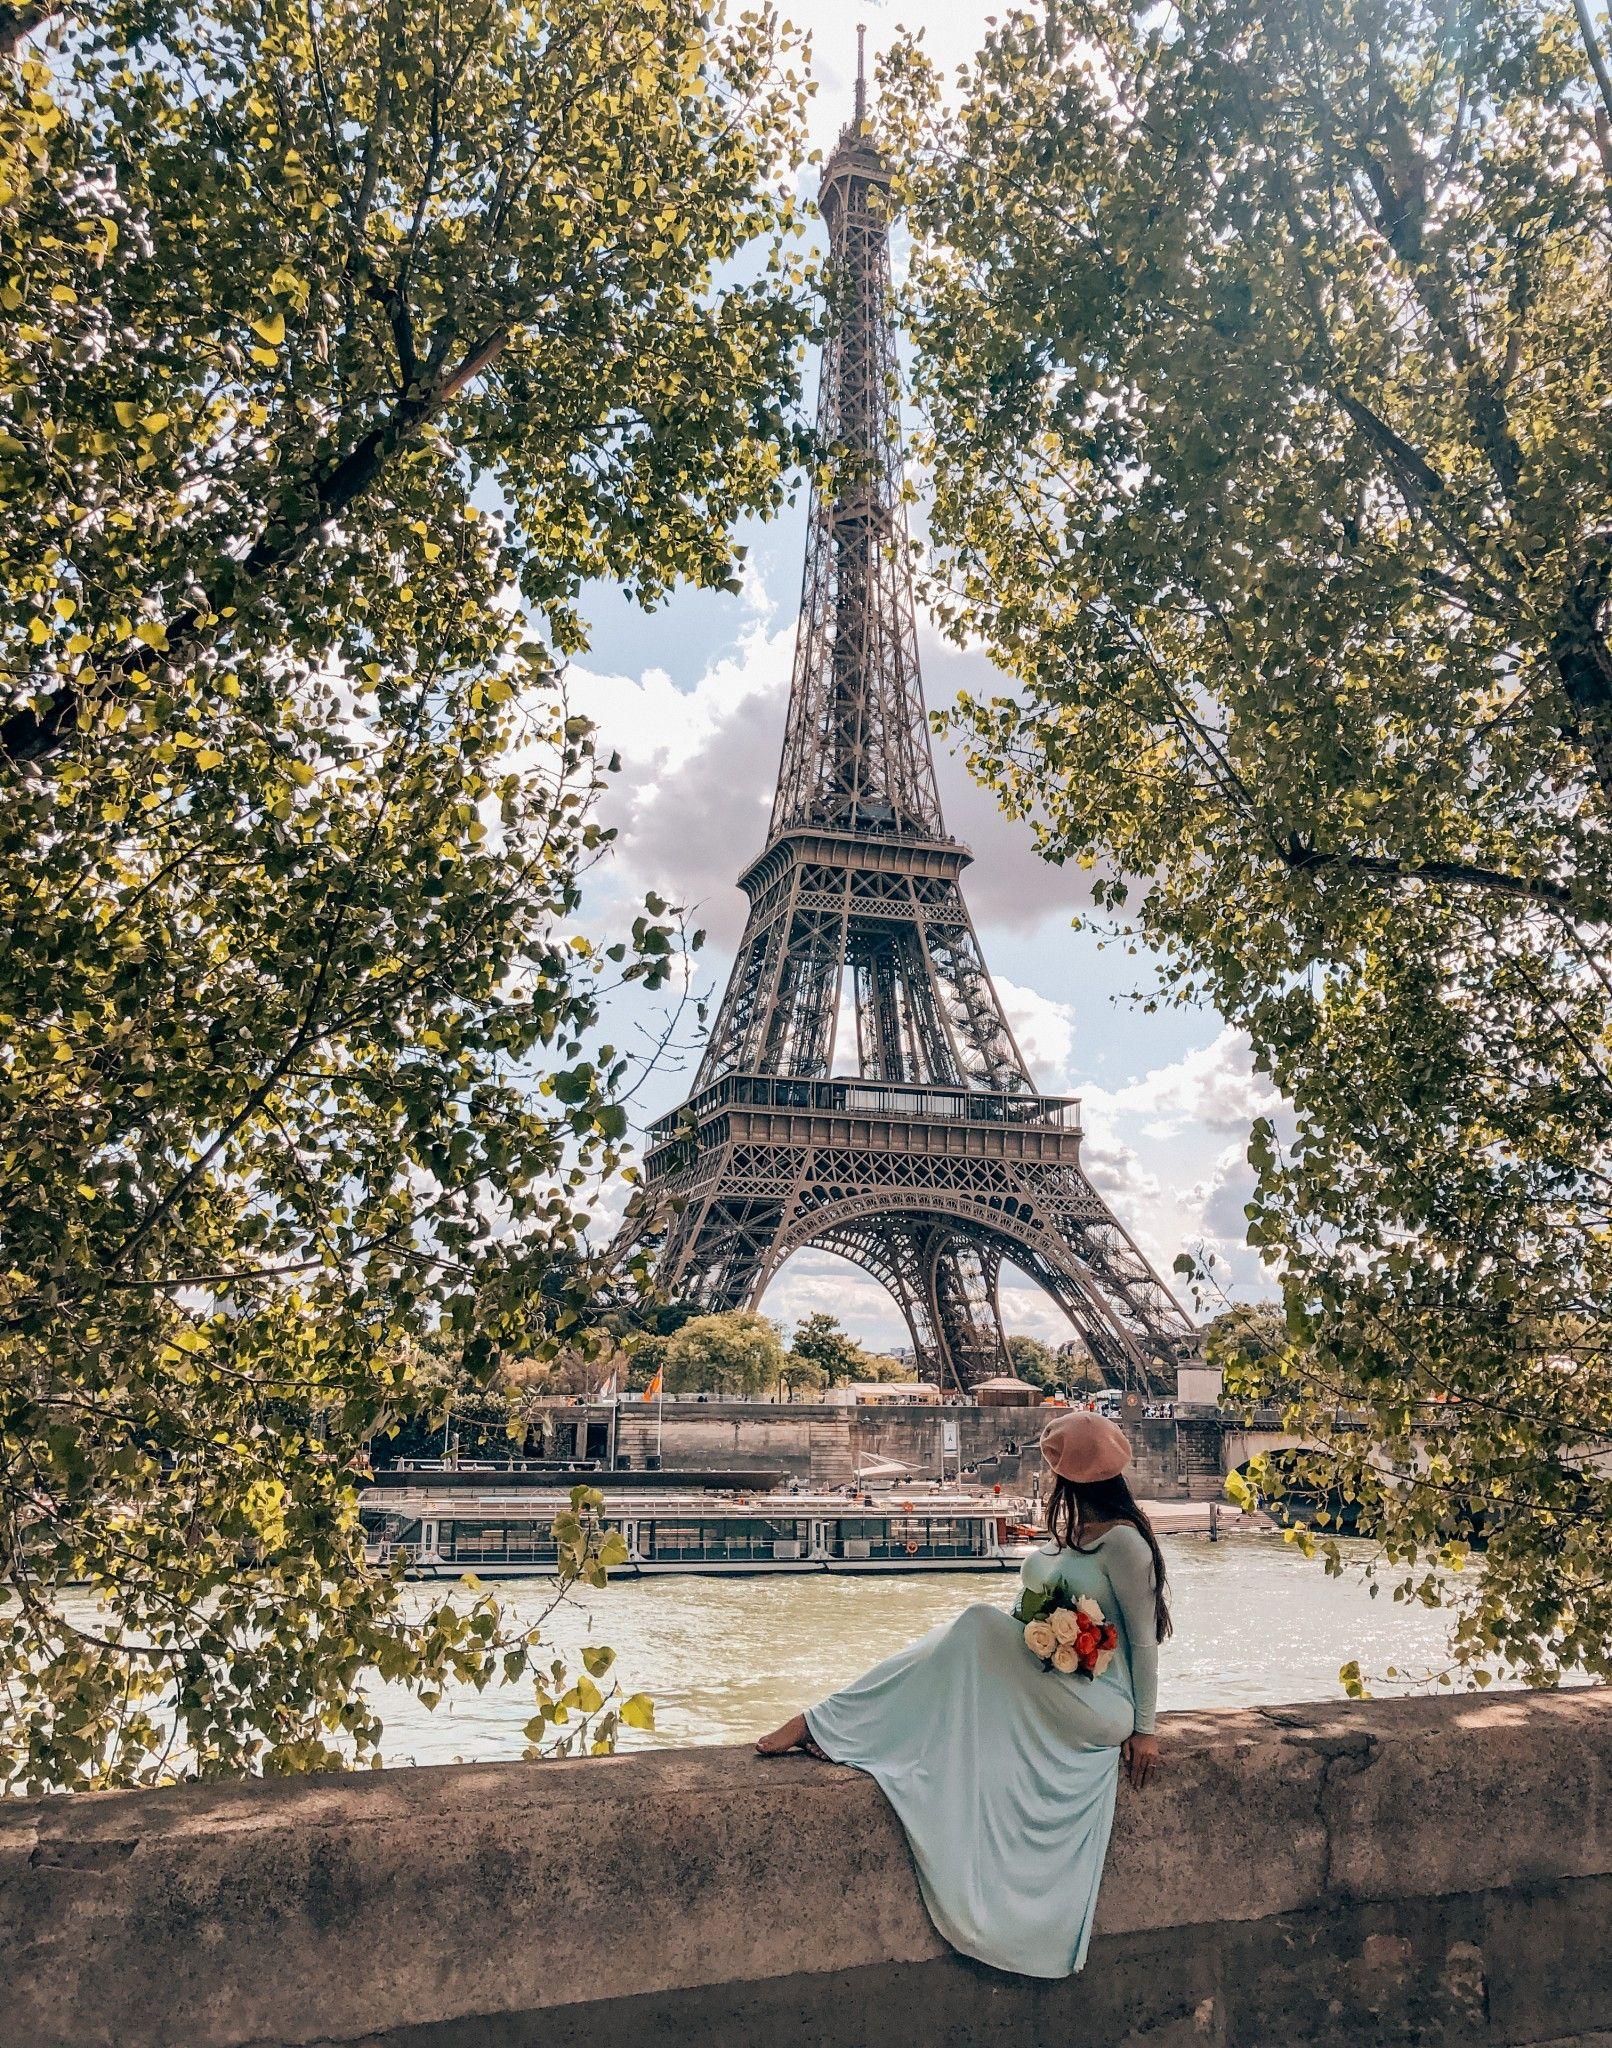 12 Best Photo Spots in Paris For Epic Instagram Shots - Quais de Seine